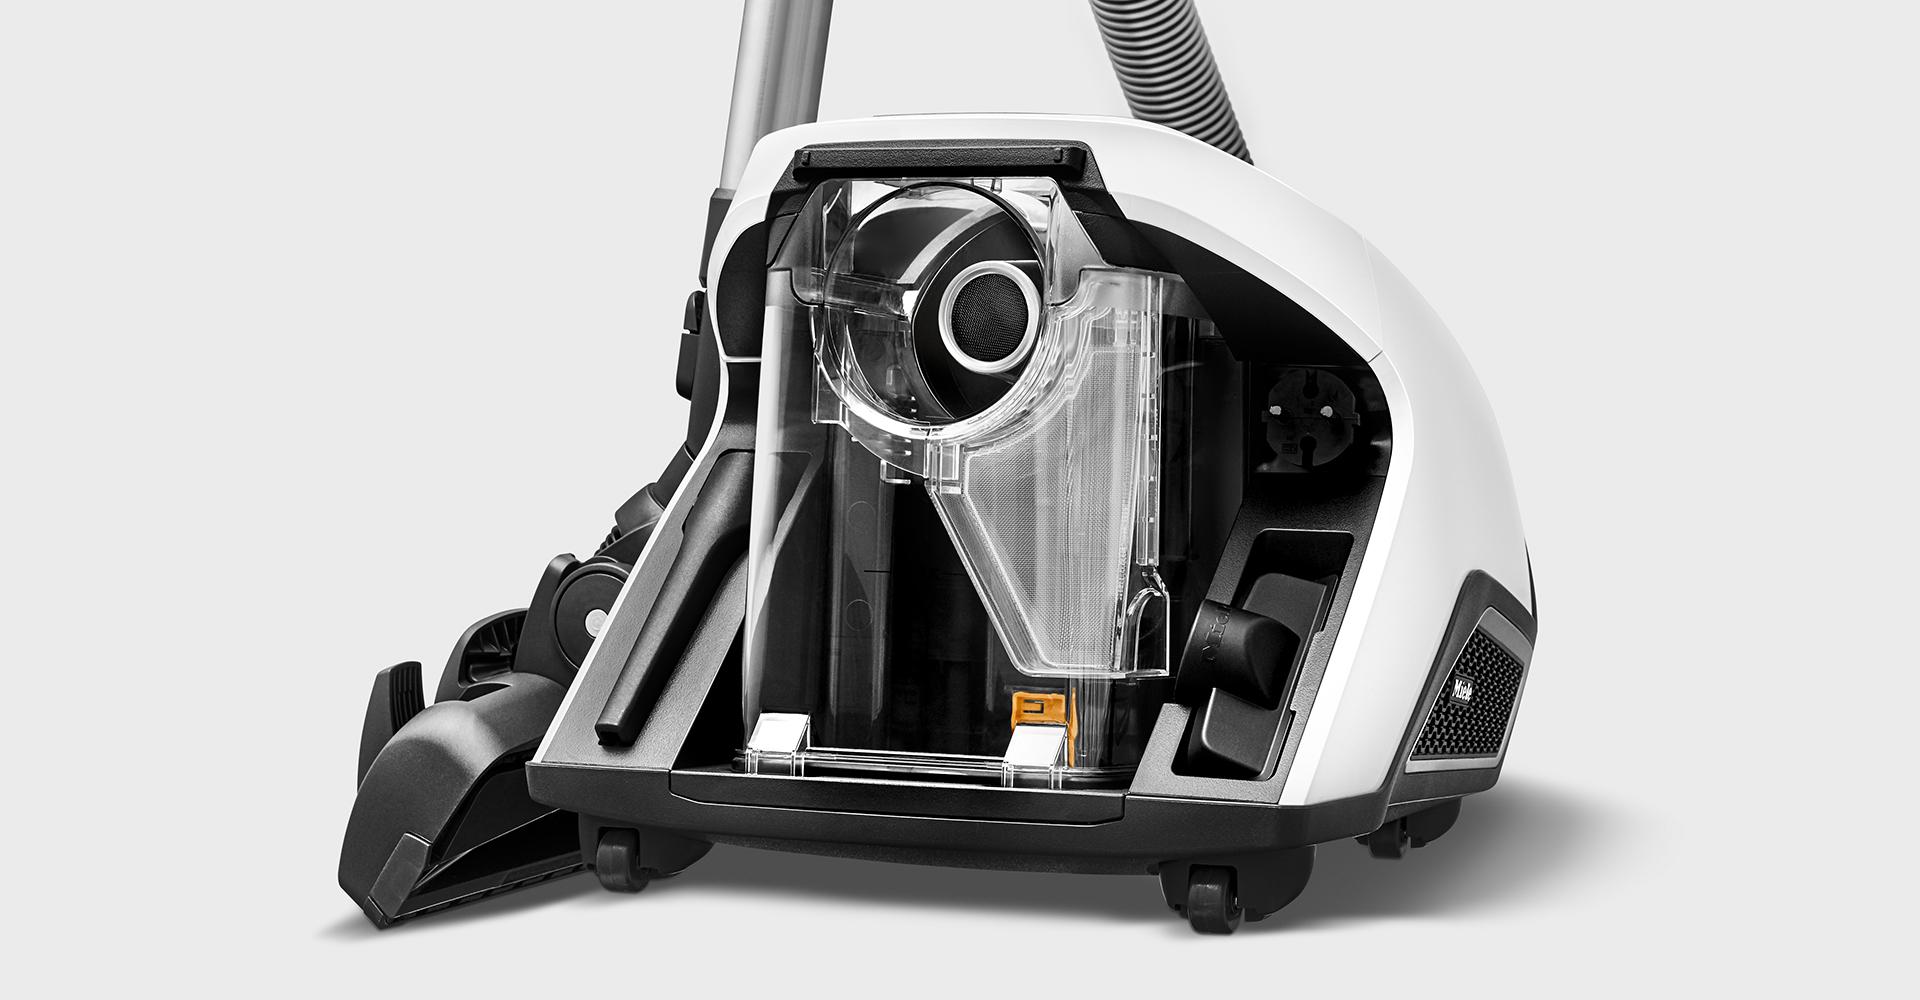 Blizzard cx1 de miele le premier aspirateur sans sac de miele - Aspirateur miele sans sac ...